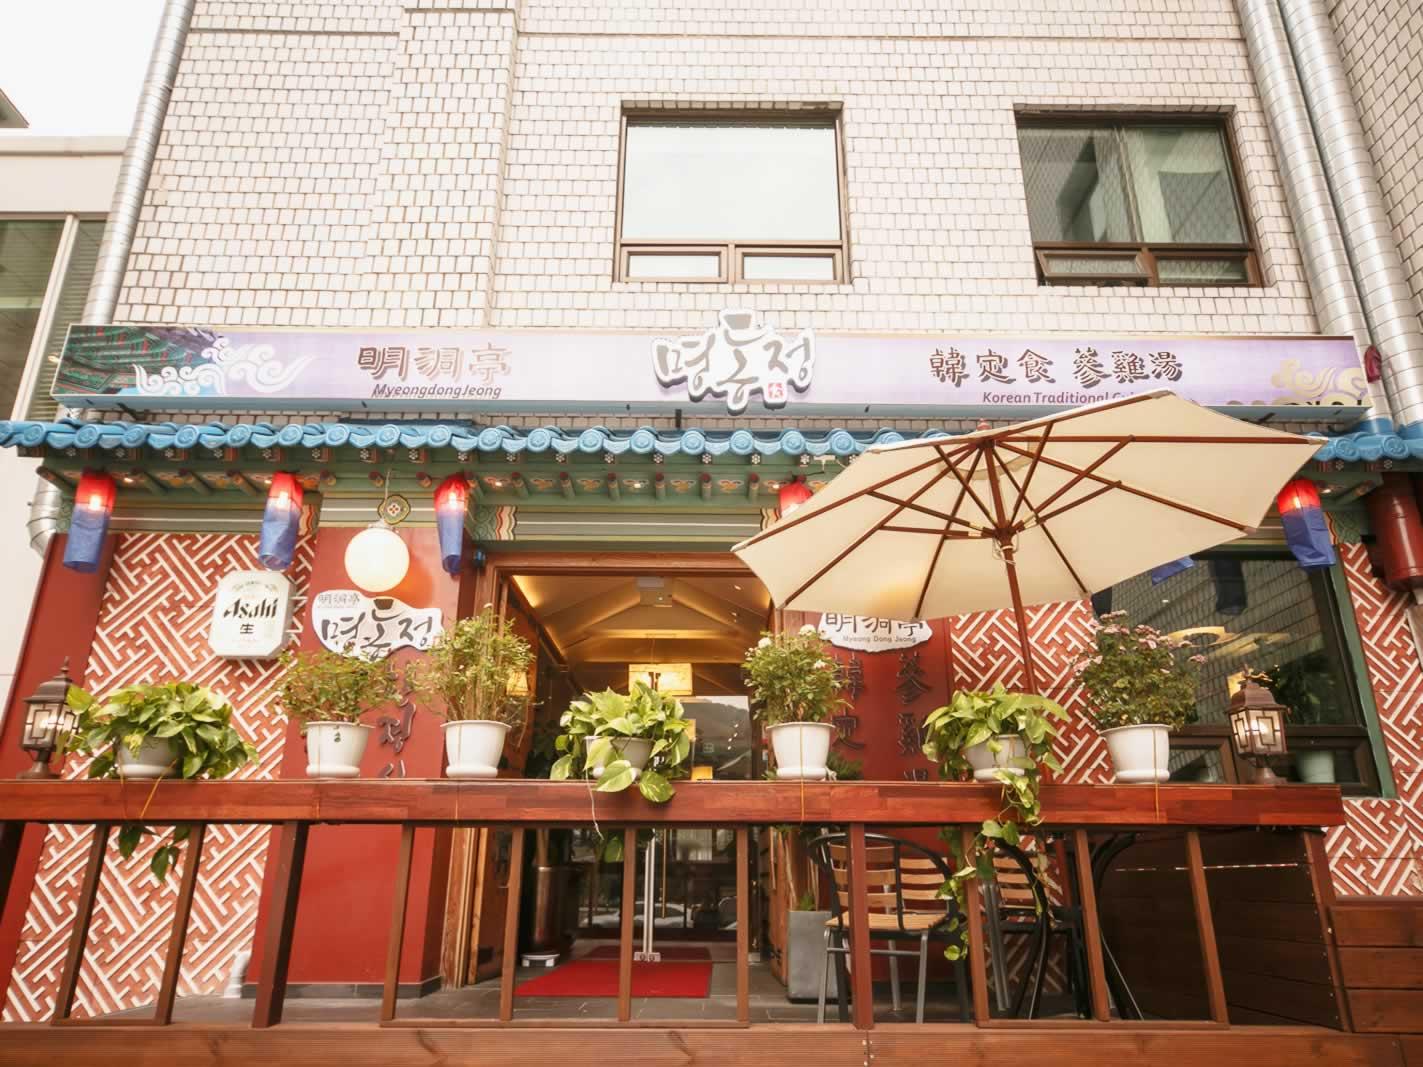 来韩国首尔明洞亭韩式料理店体验一番良好级料理